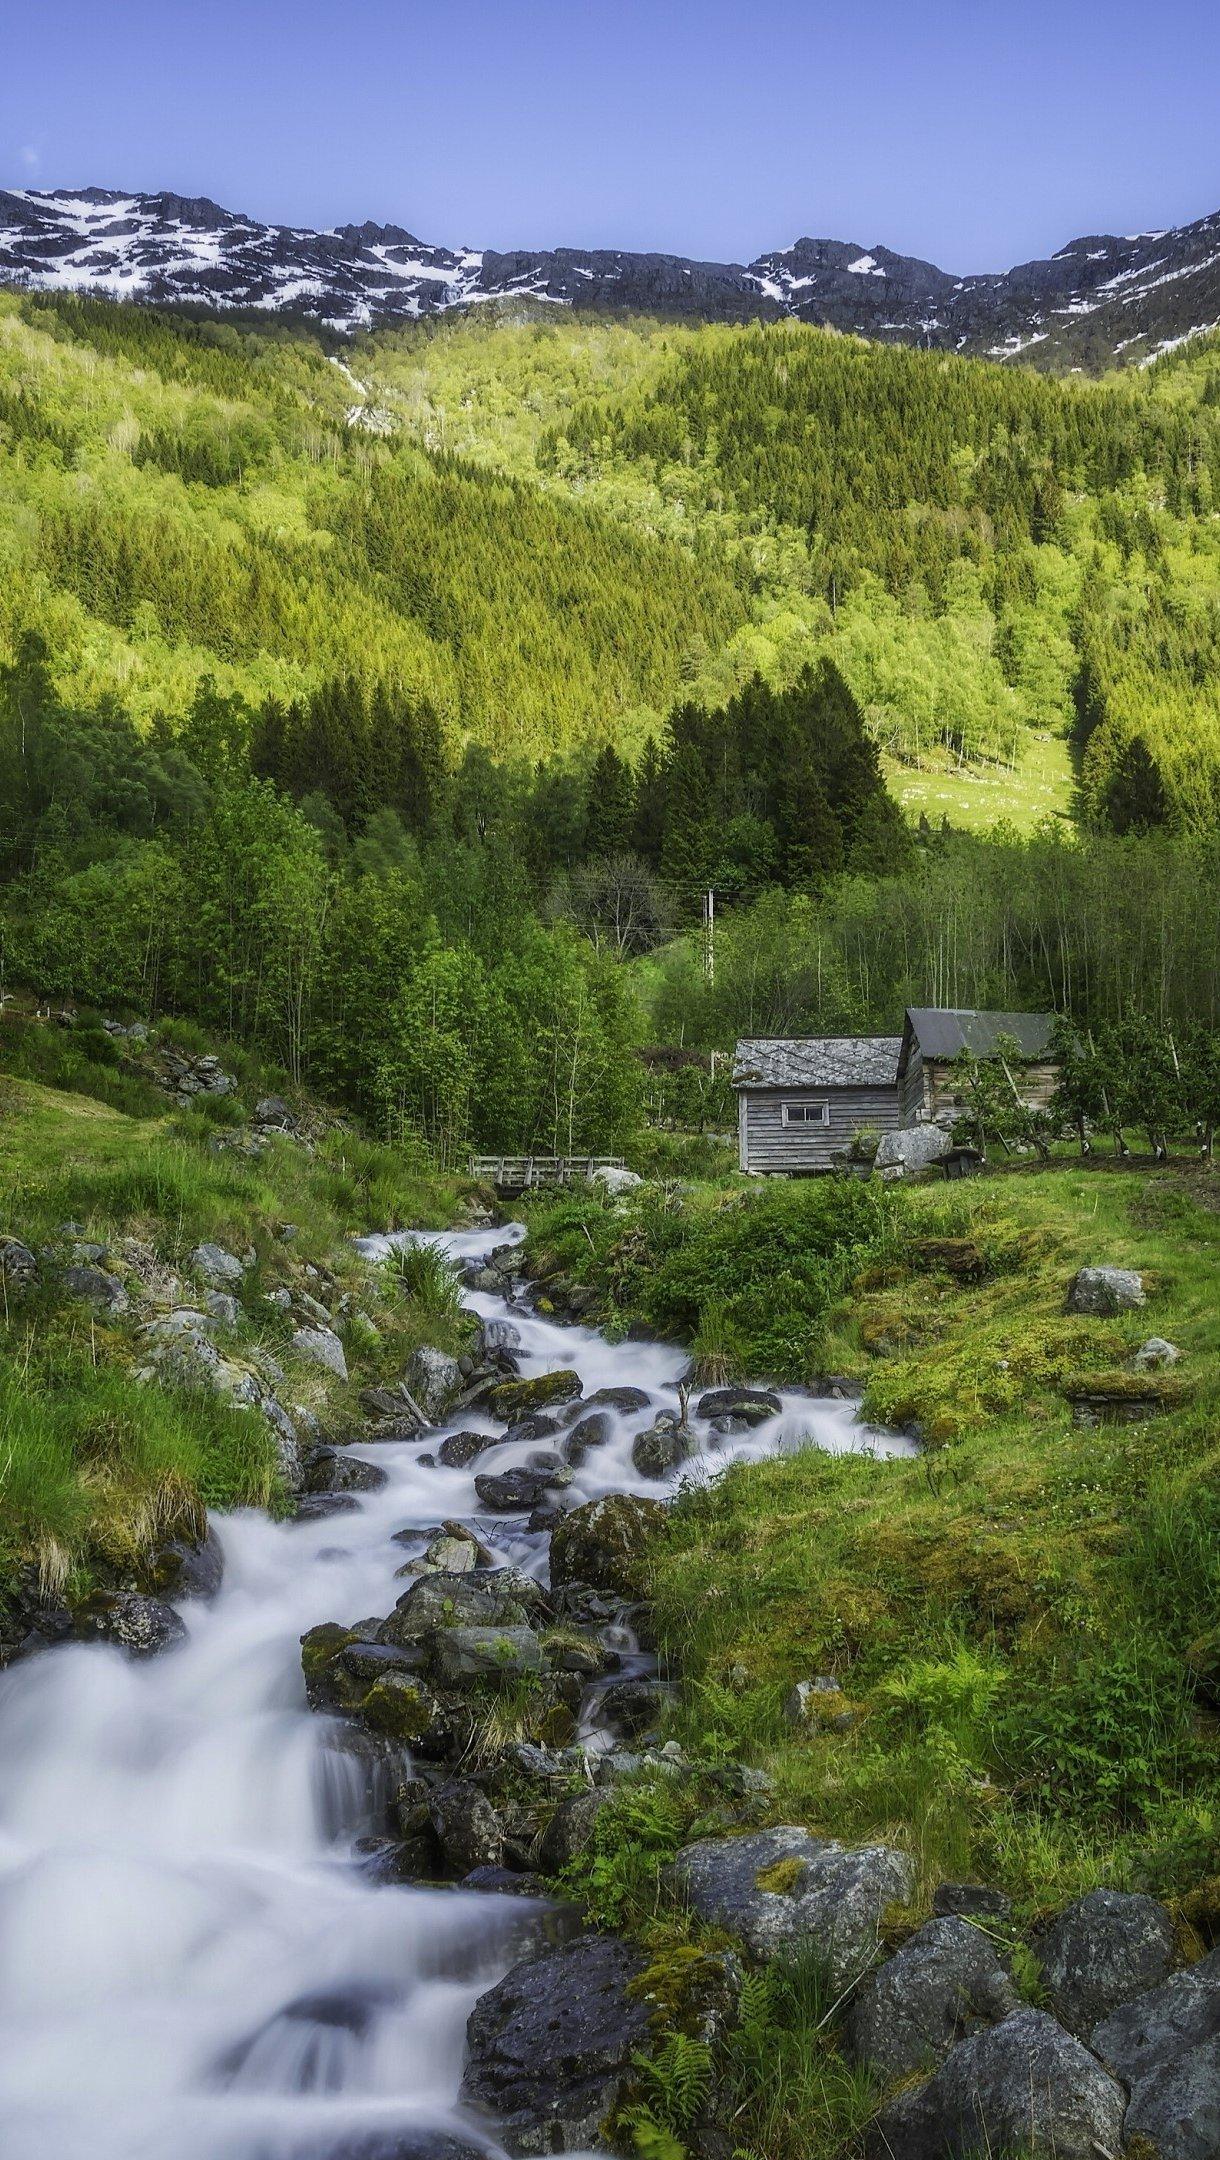 Fondos de pantalla Montaña Hardangervidda en Noruega Vertical